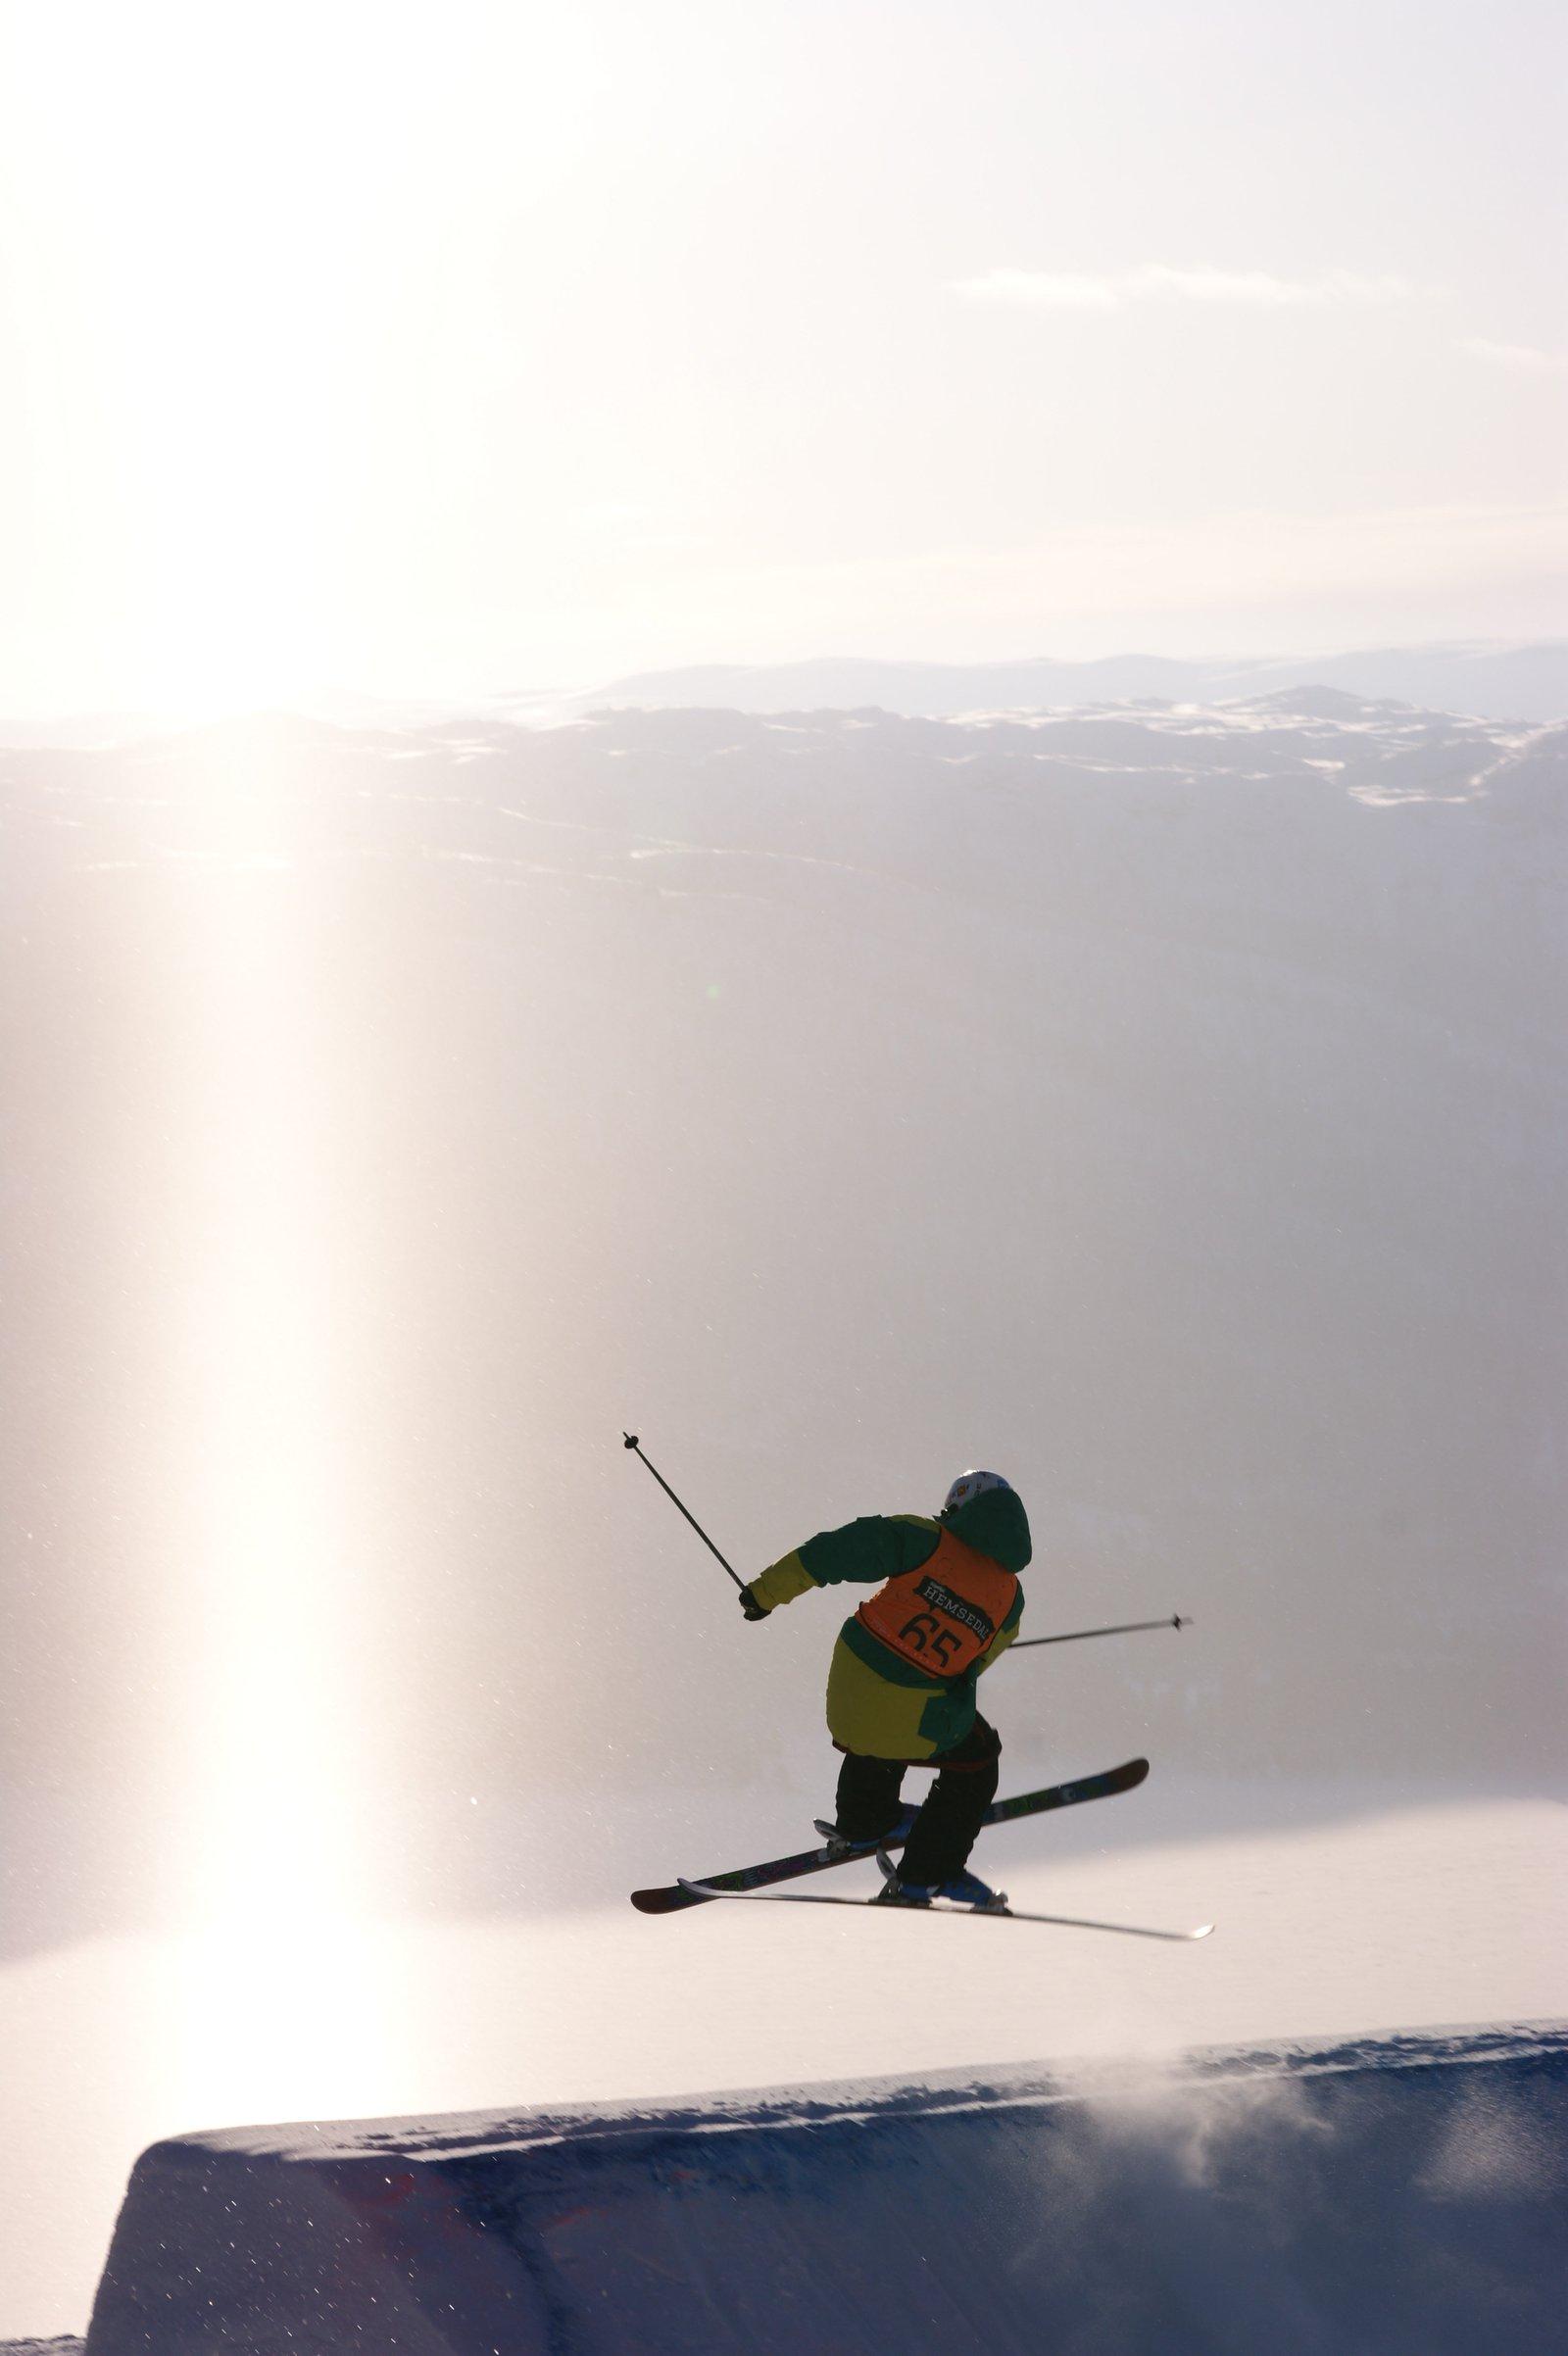 Norwegian open!! - 1 of 3